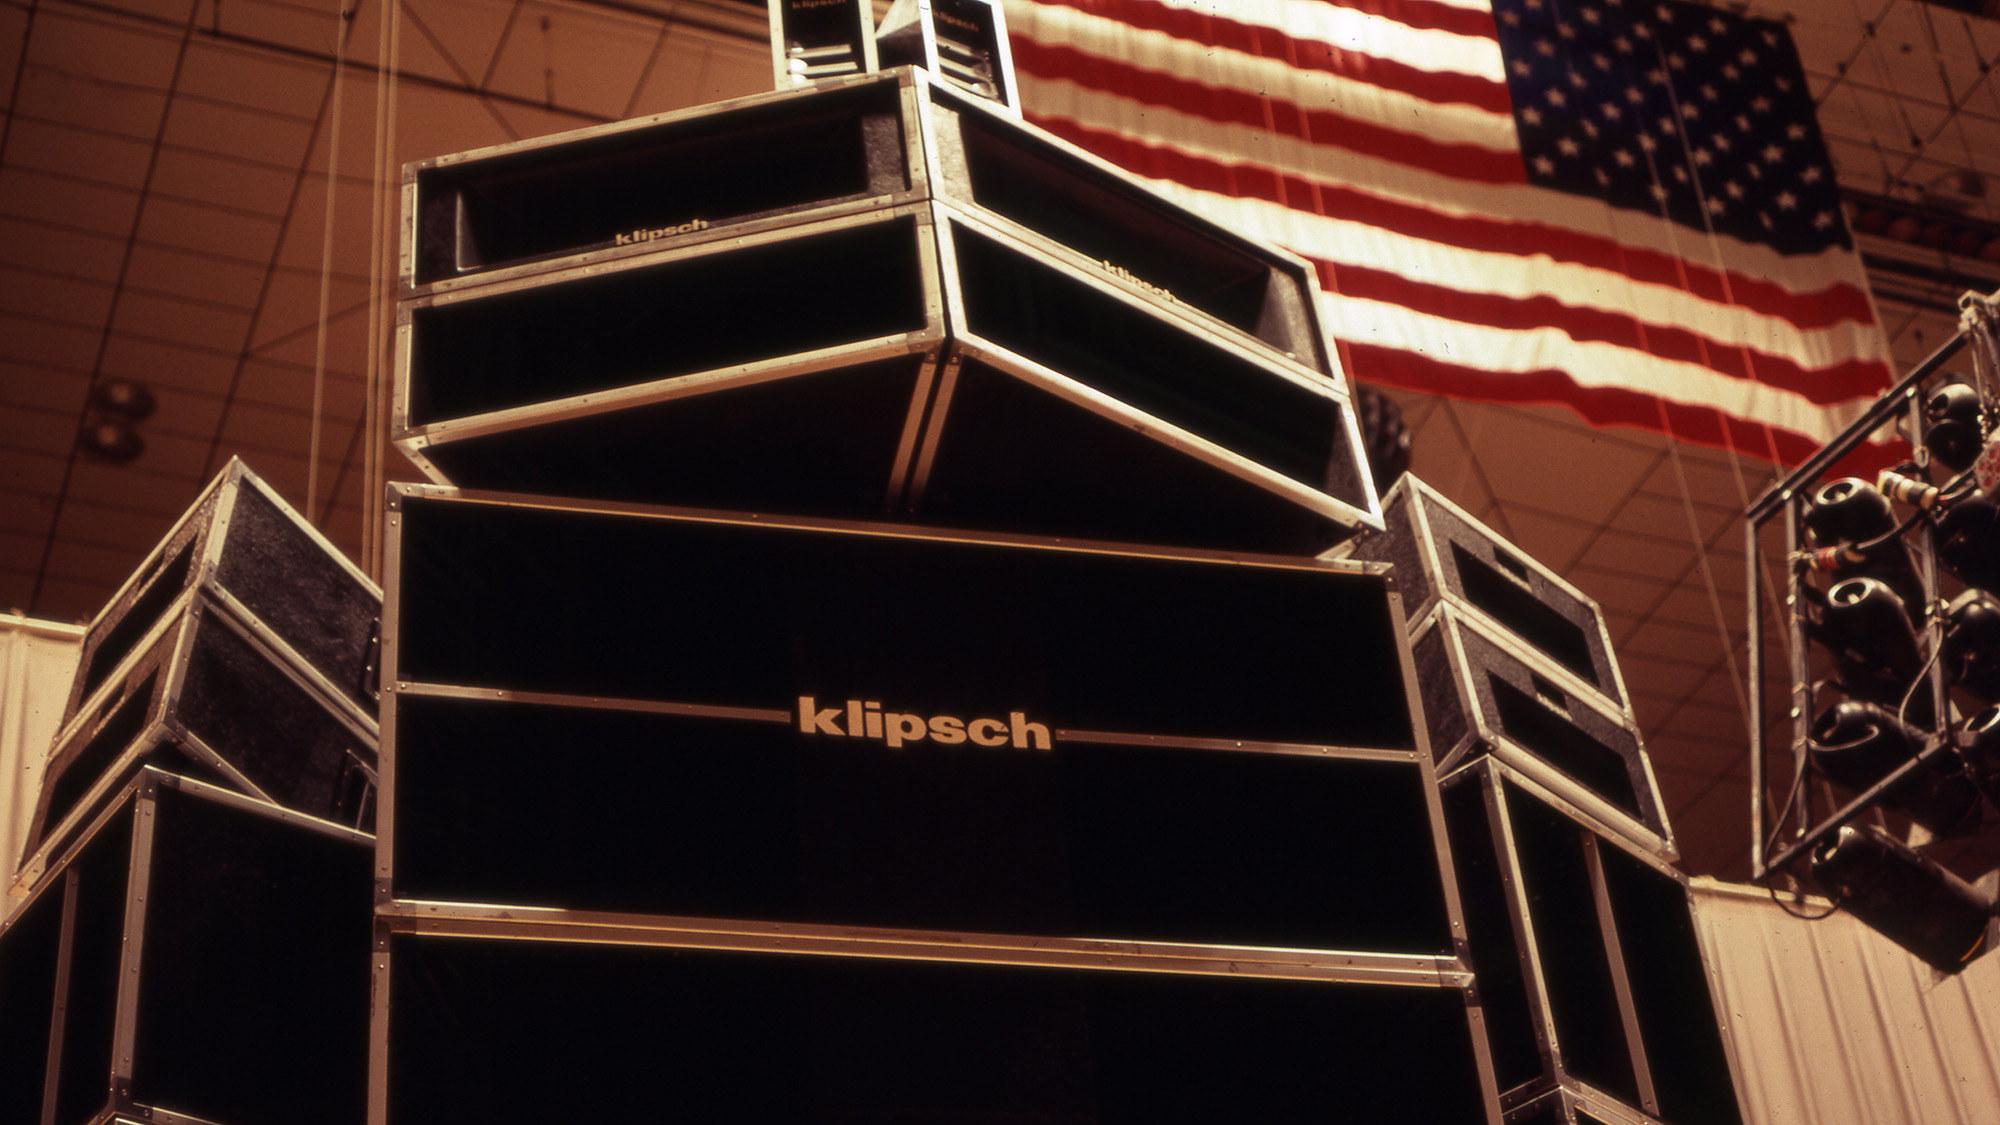 Klipsch  Mcm Stacked 2000x1125